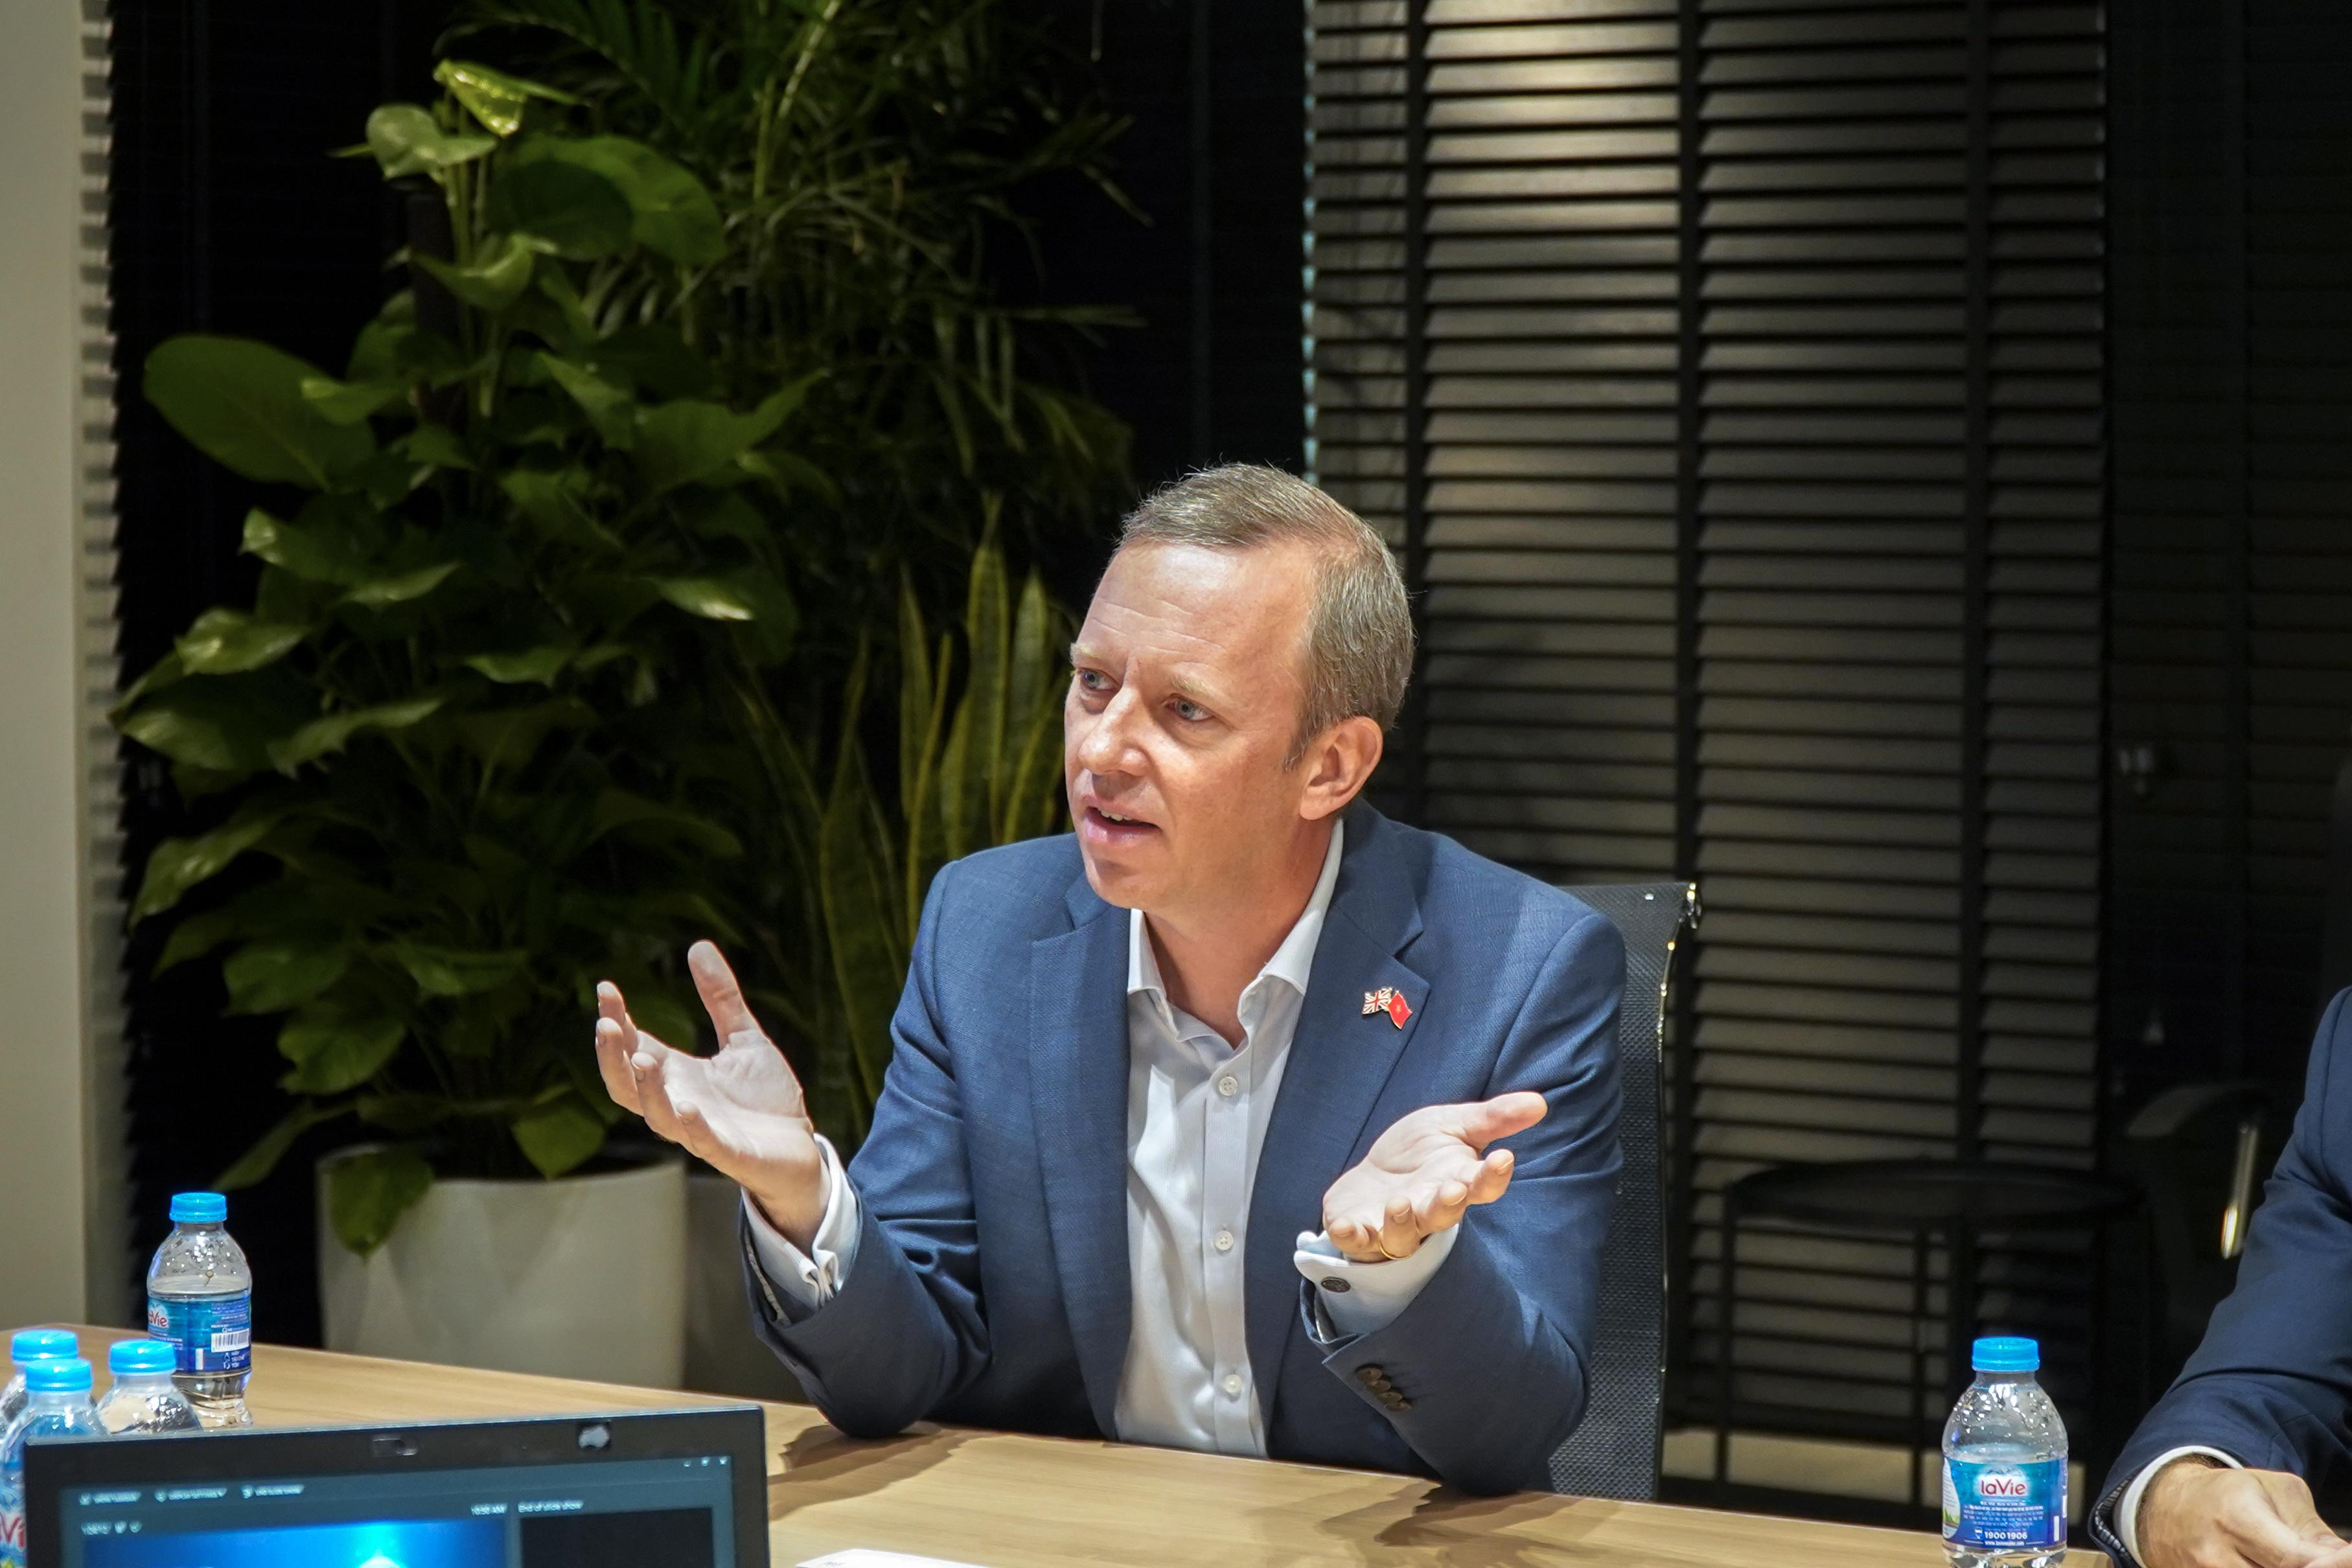 Đại sứ vương quốc Anh quan tâm đến kỳ lân công nghệ VNG, mong muốn đầu tư lâu dài - Ảnh 1.